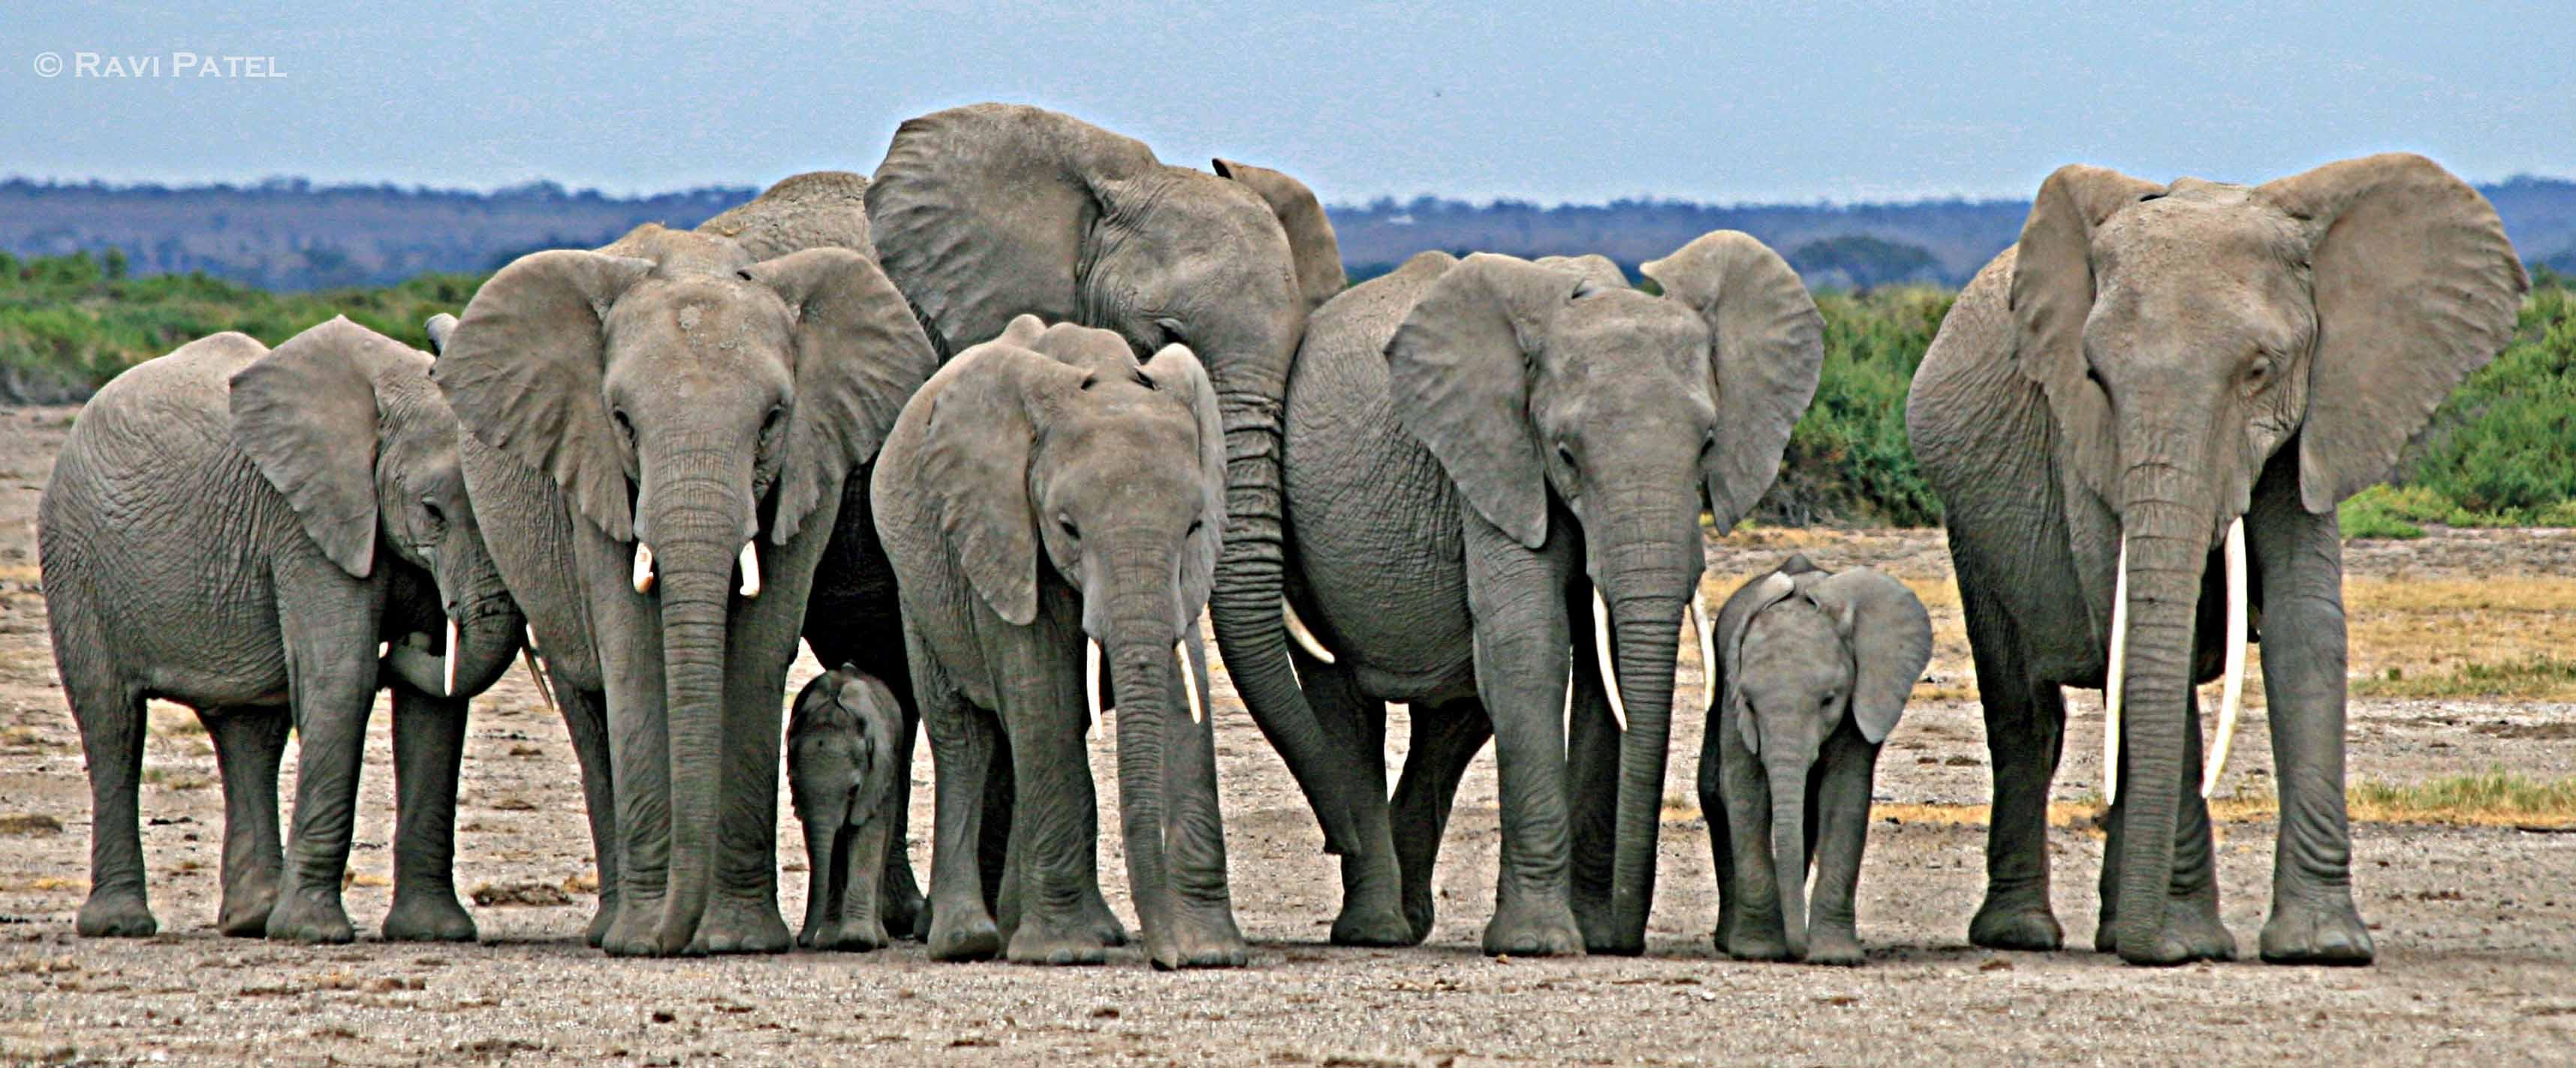 Elephants | Photos by Ravi